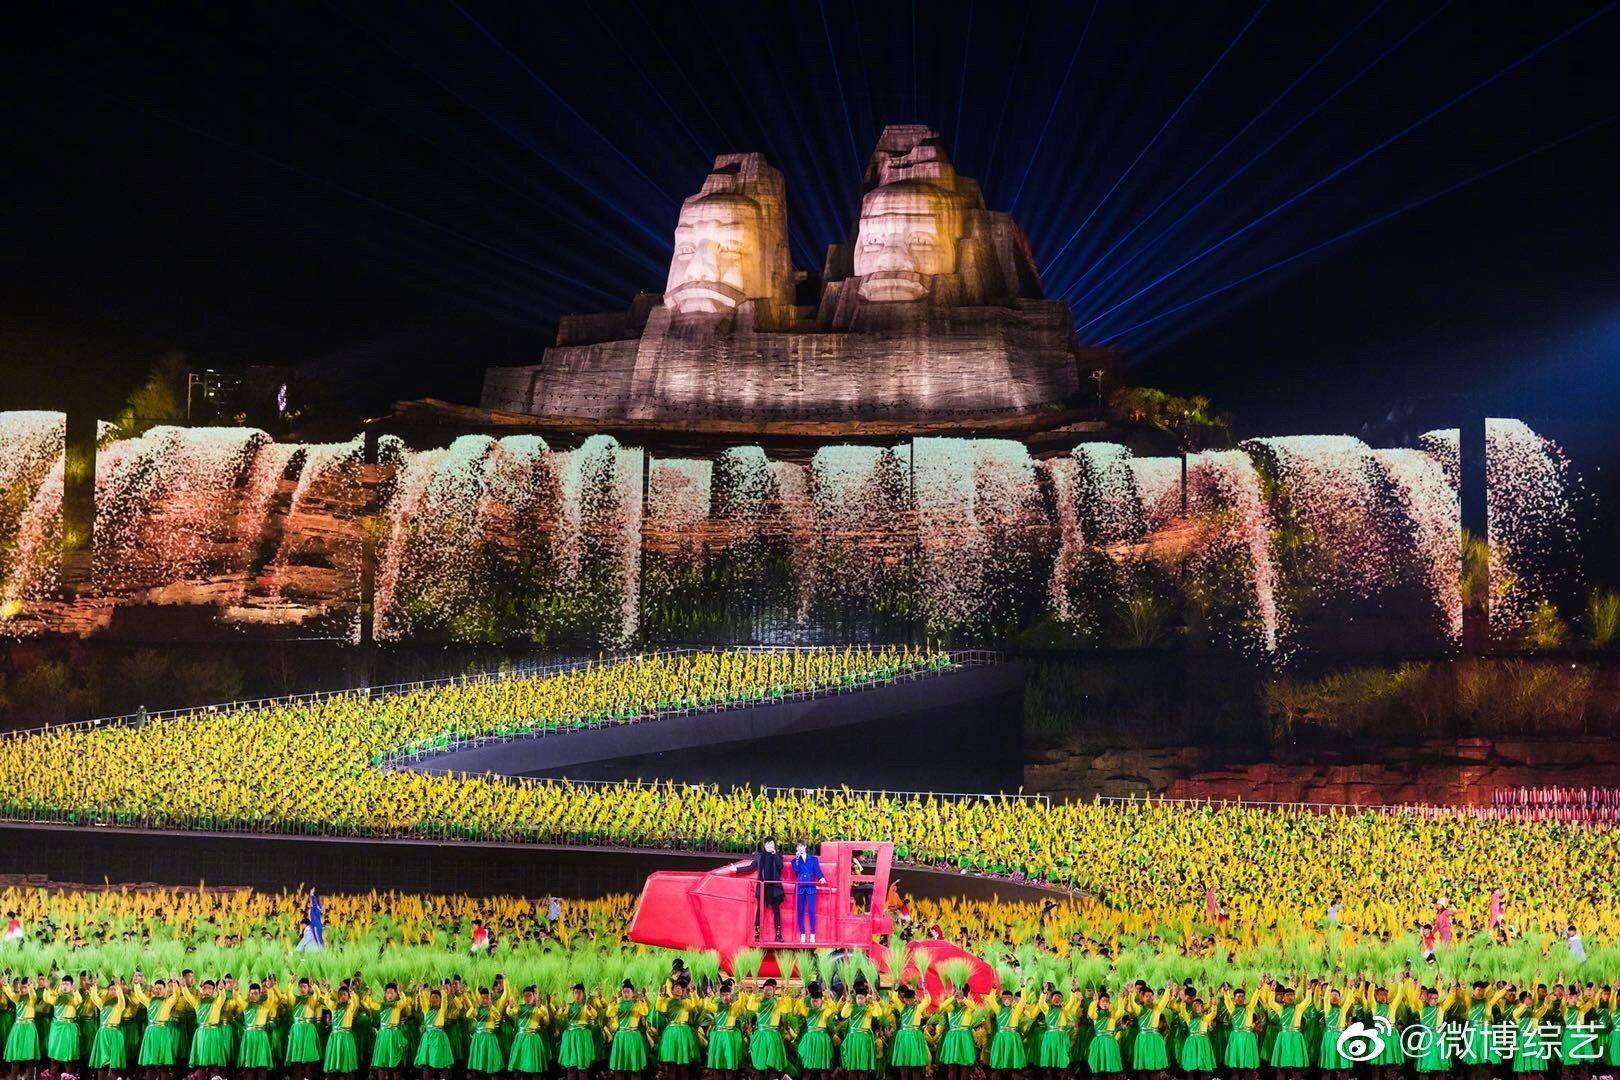 李宇春、孙楠在黄河之滨郑州演唱专为本届春晚创作的脱贫攻坚主题歌曲